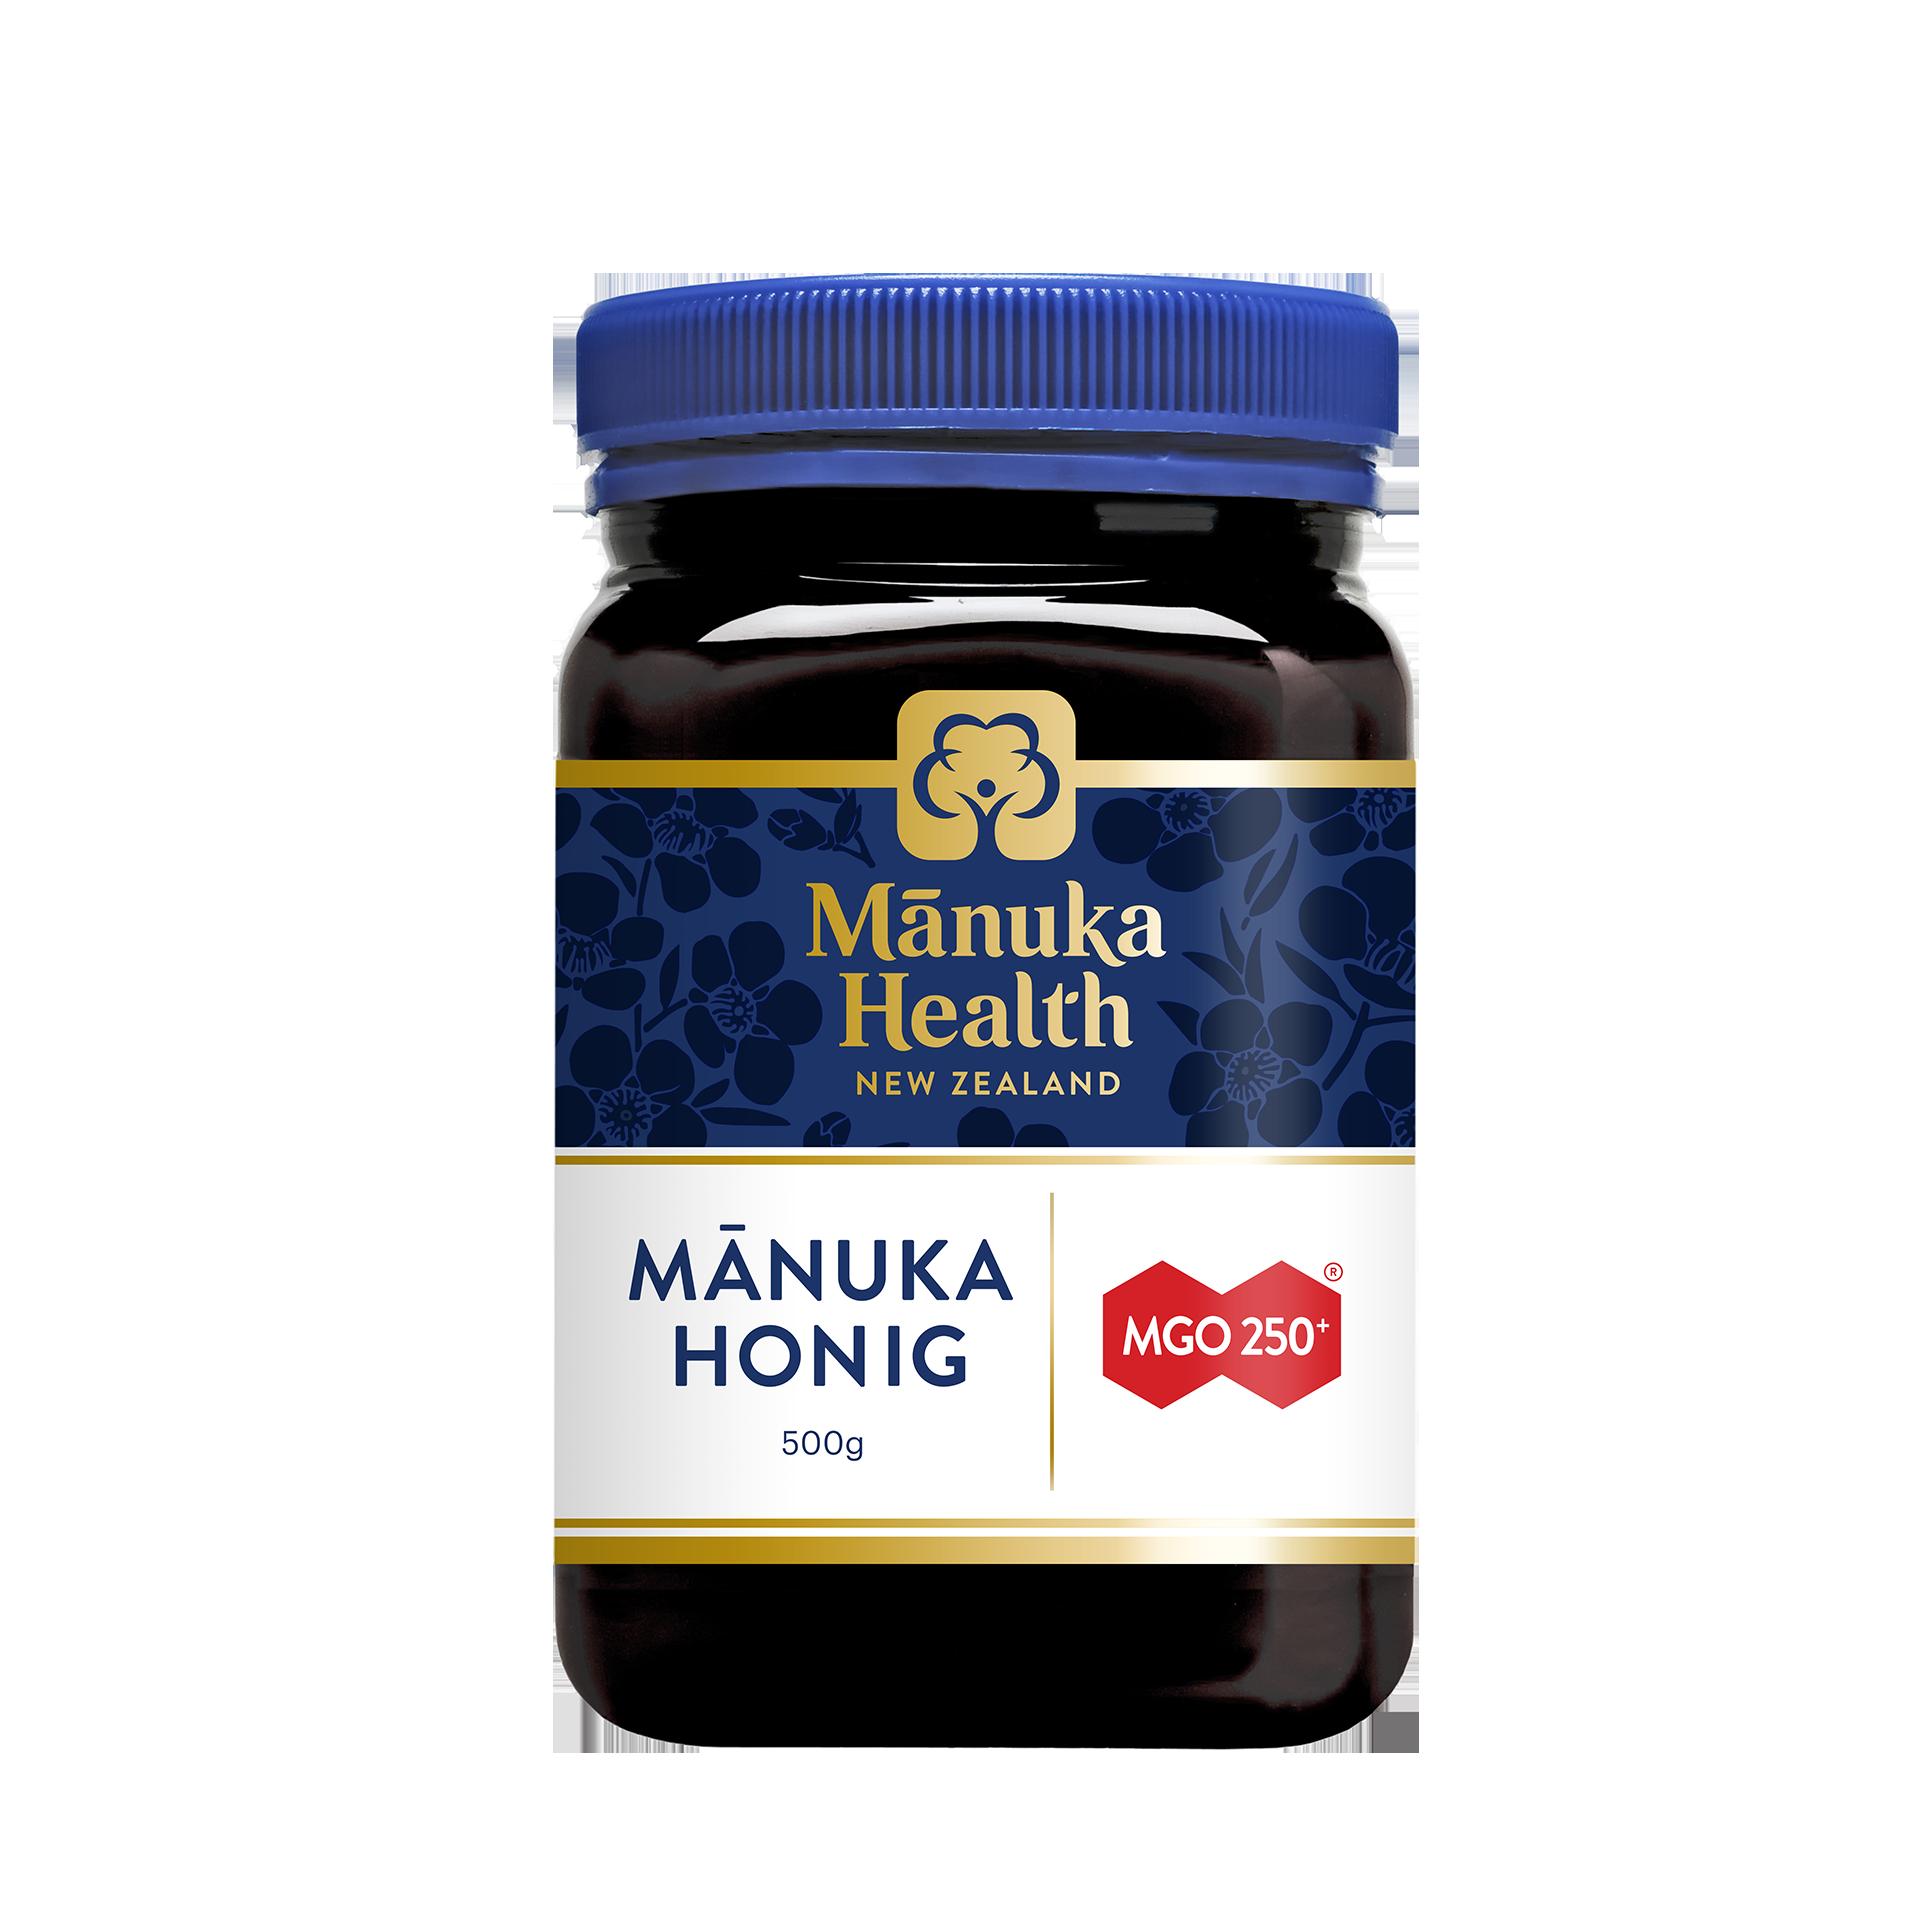 Manuka Honig MGO 250+, 500 g